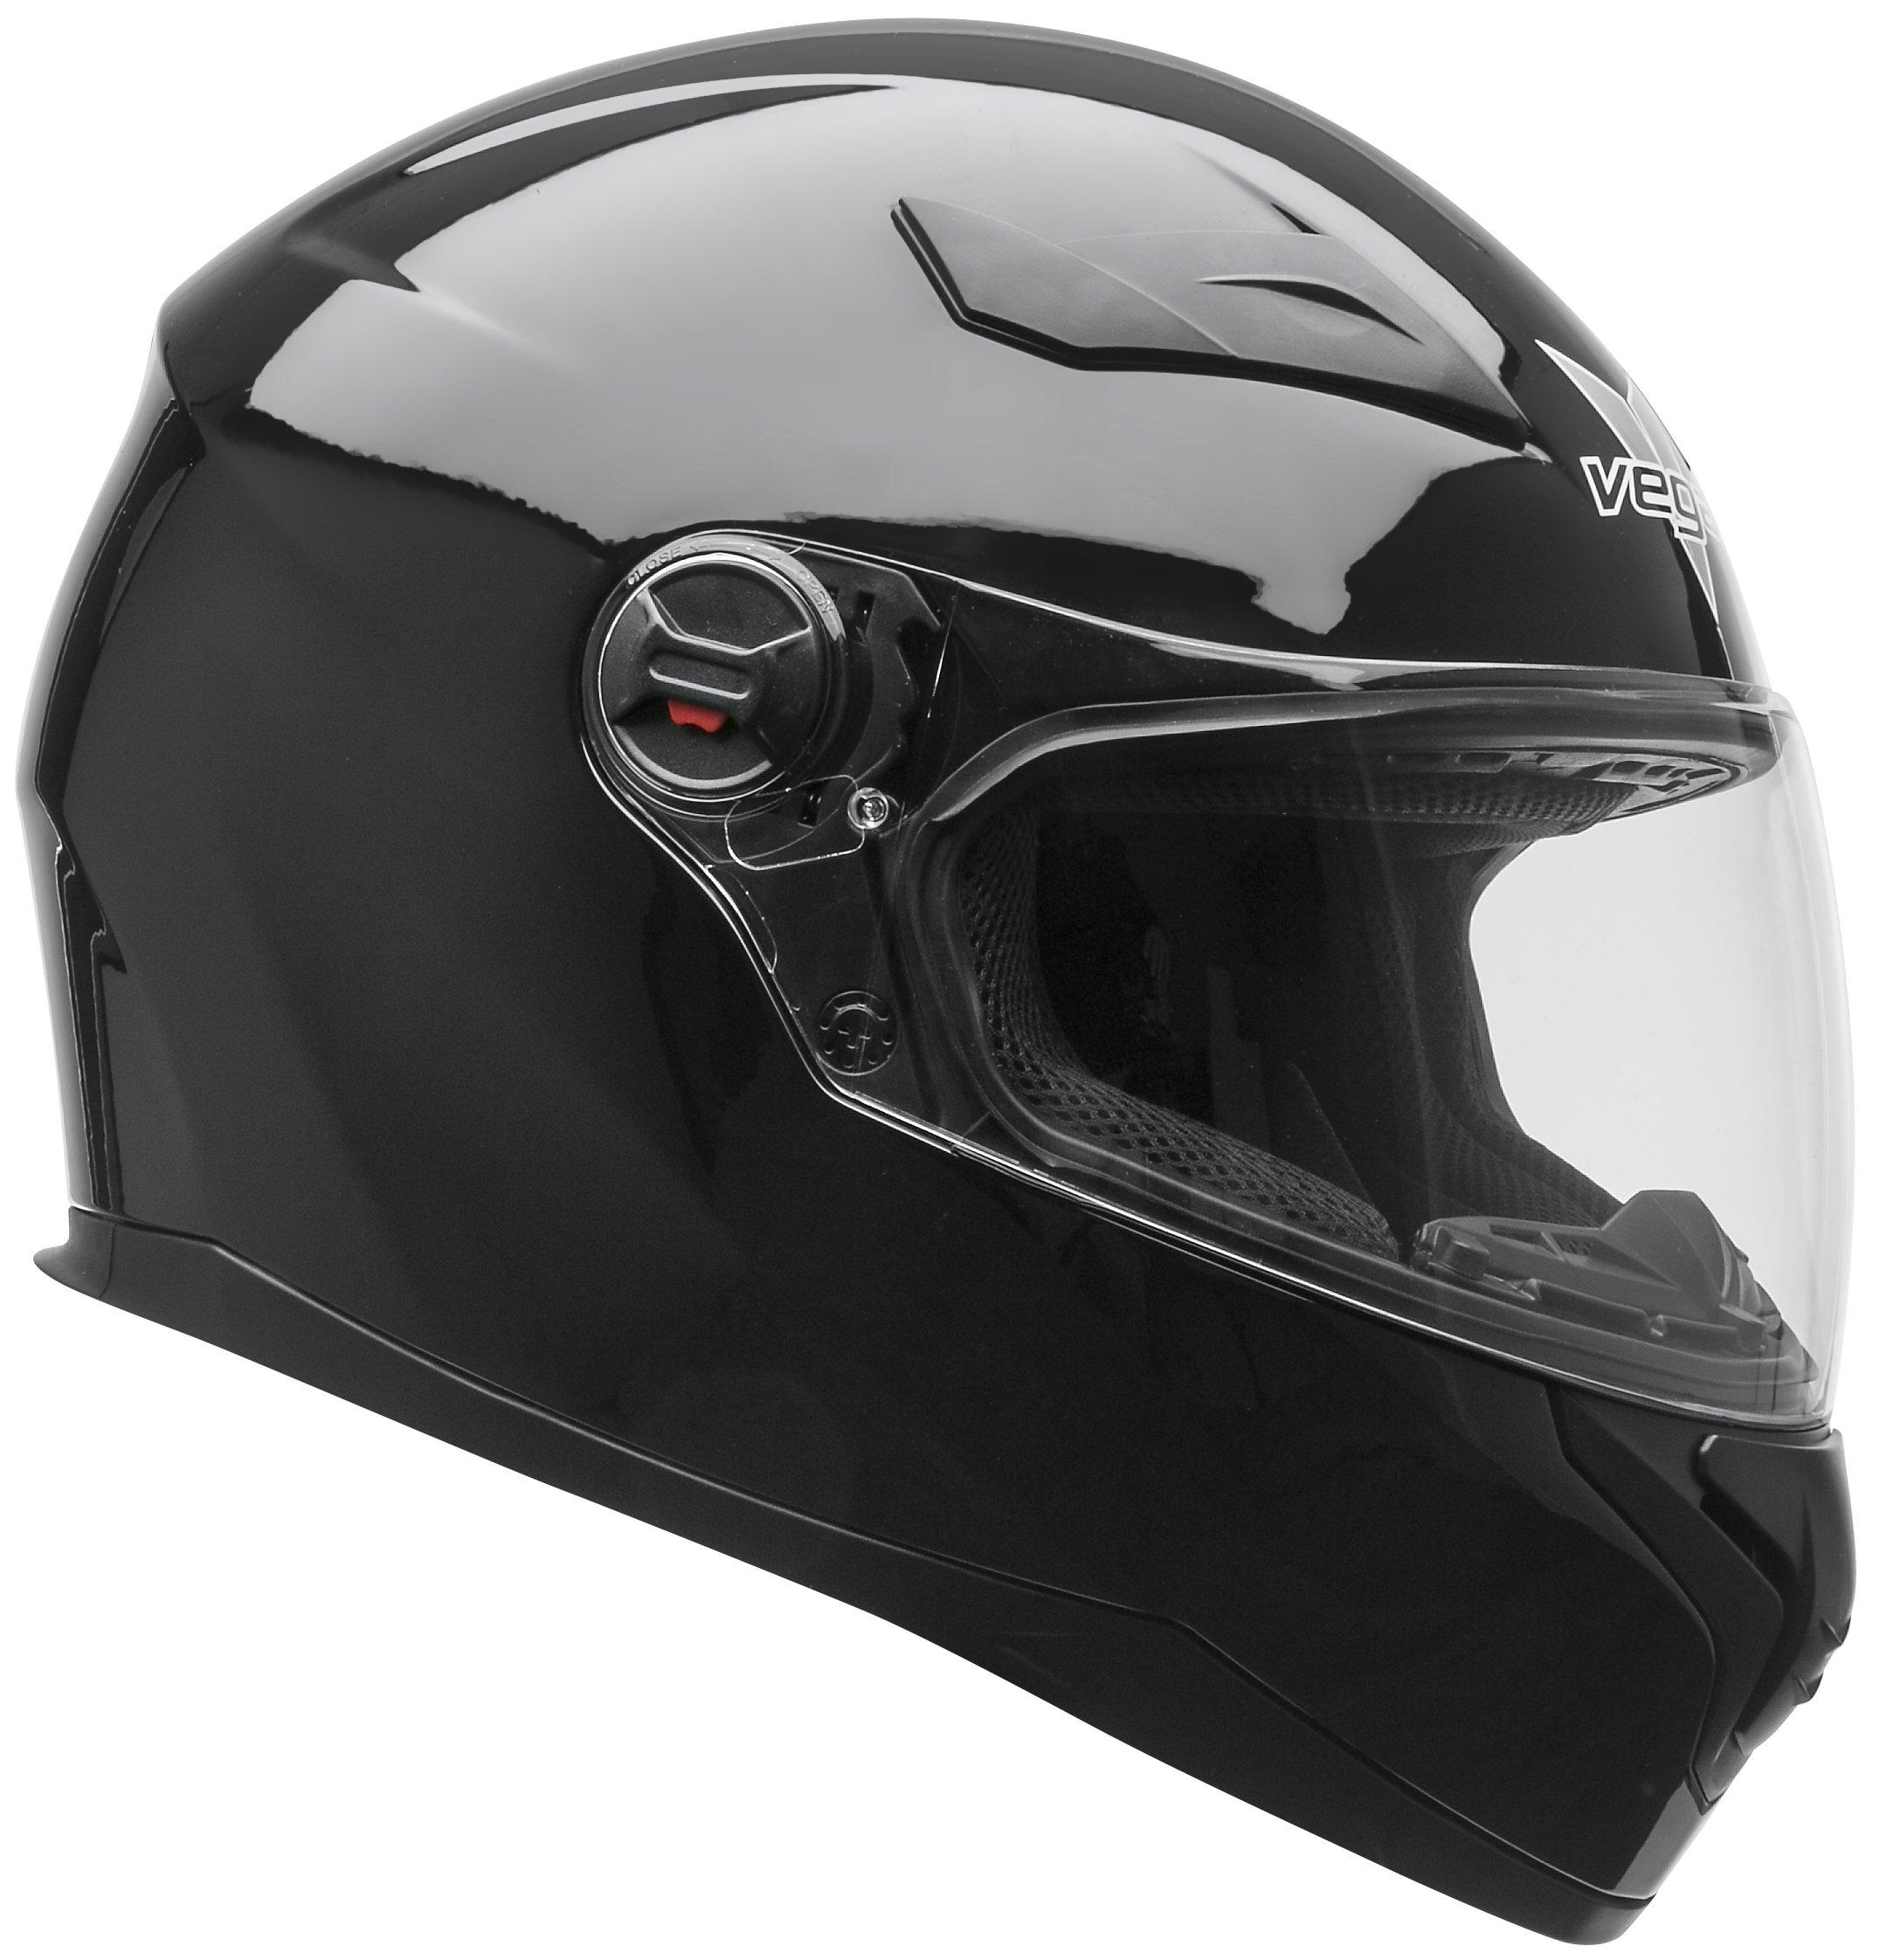 Vega Helmets AT2 Street Motorcycle Helmet for Men & Women - DOT Certified Full Face Motorbike Helmet for Cruisers Sports Street Bike Scooter Touring Moped (Black, Large) by Vega Helmets